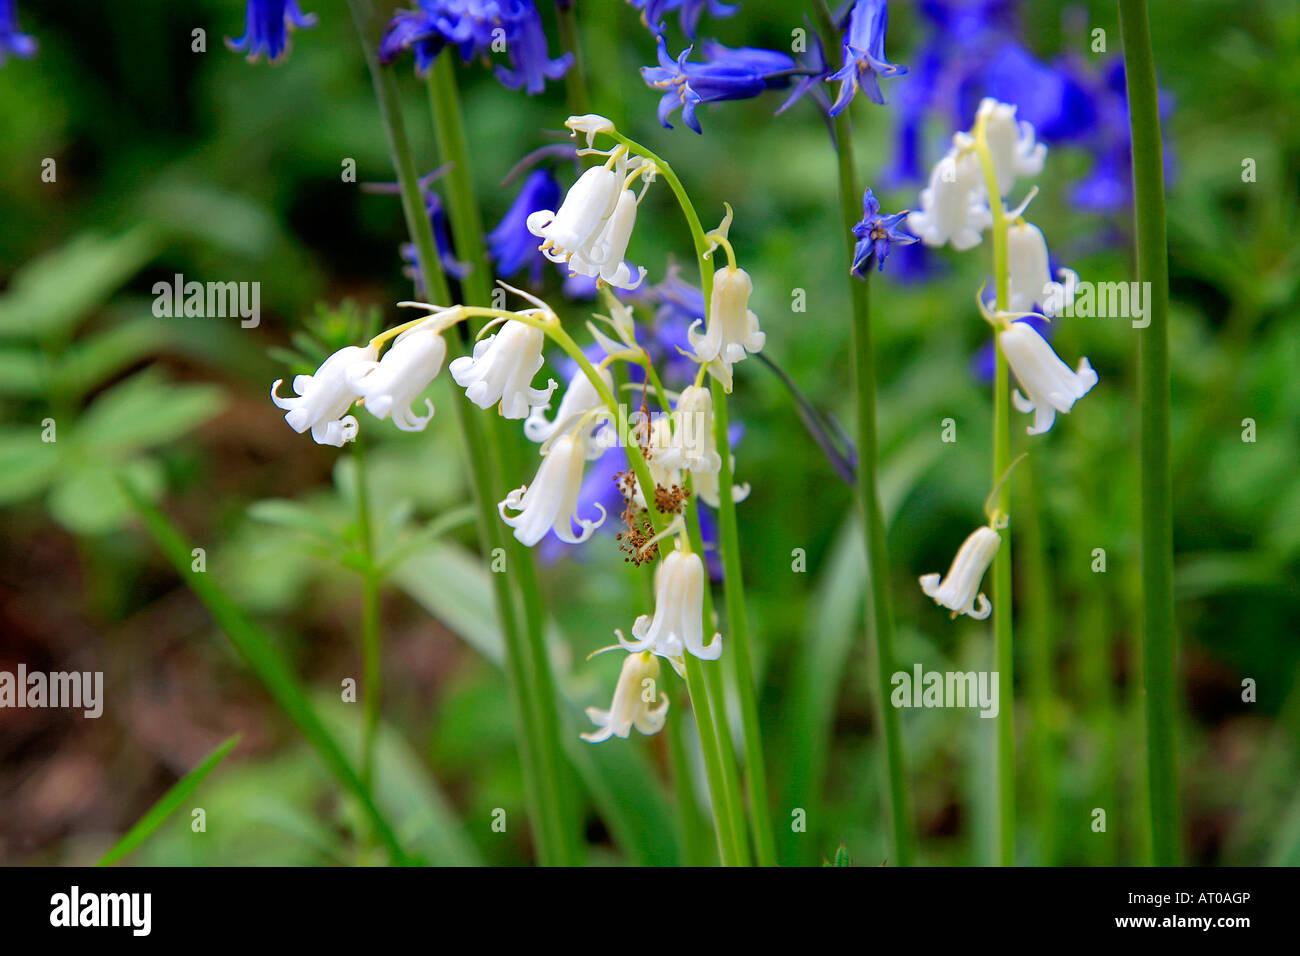 White bluebell flowers hyacinthoides non scripta spring bluebells in white bluebell flowers hyacinthoides non scripta spring bluebells in woodland cambridgeshire england britain uk mightylinksfo